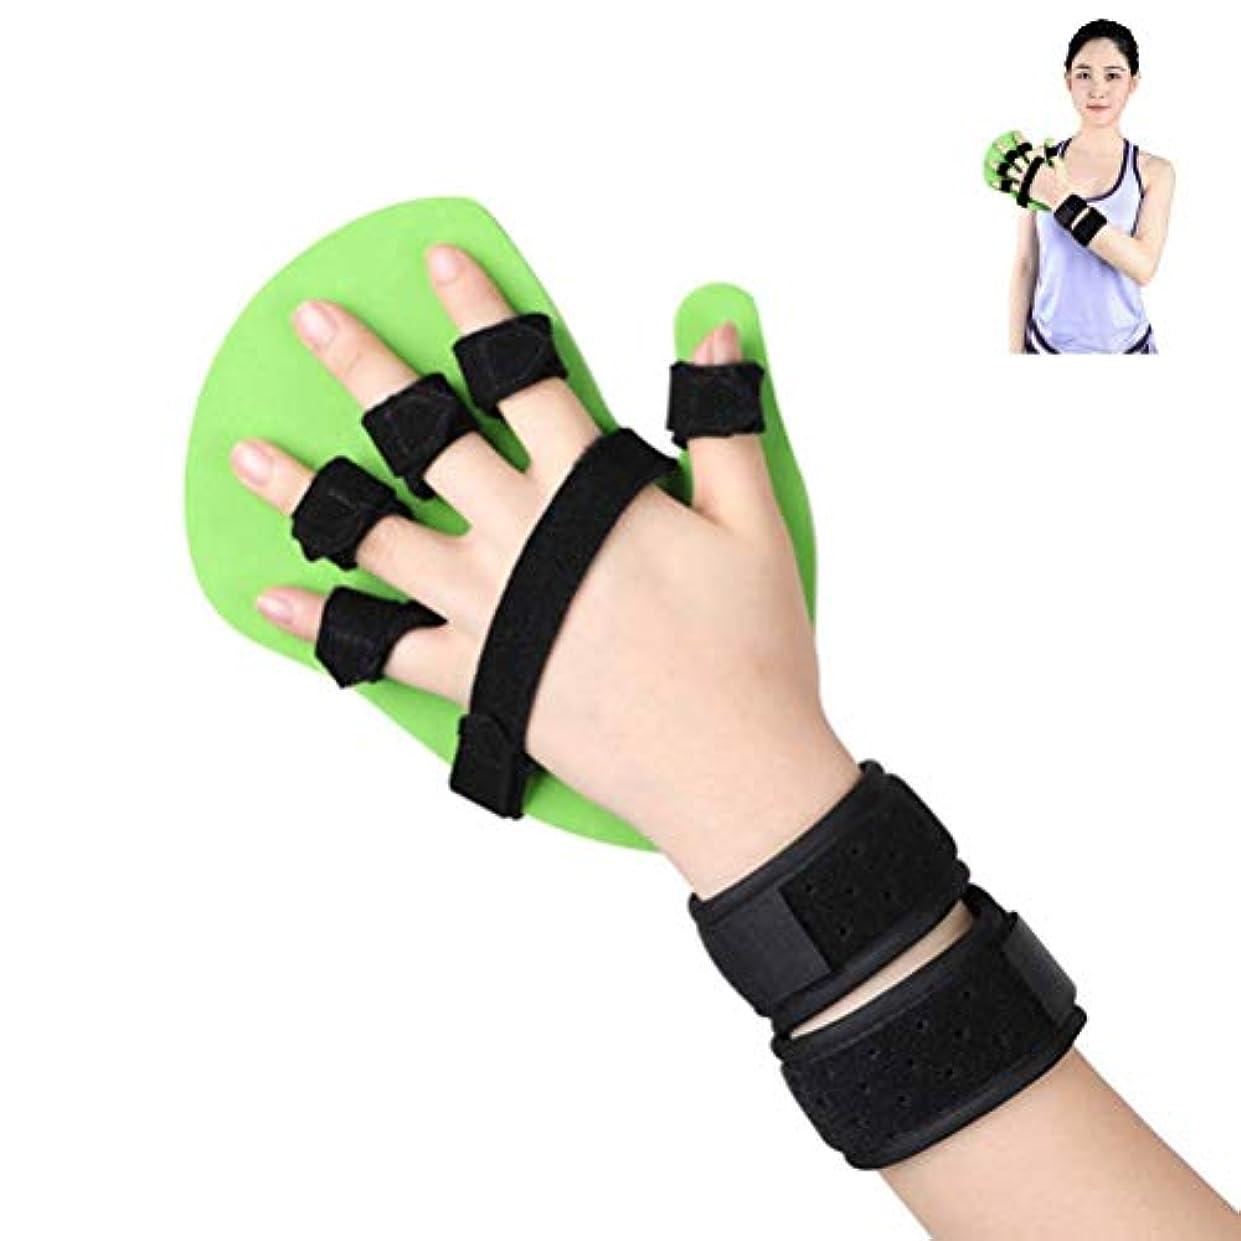 埋め込む財布乱すフィンガースプリント指、指セパレーターインソール、手の手首のトレーニング装具デバイスブレース攣縮拡張ボードスプリント脳卒中 (Color : Left, Size : S)